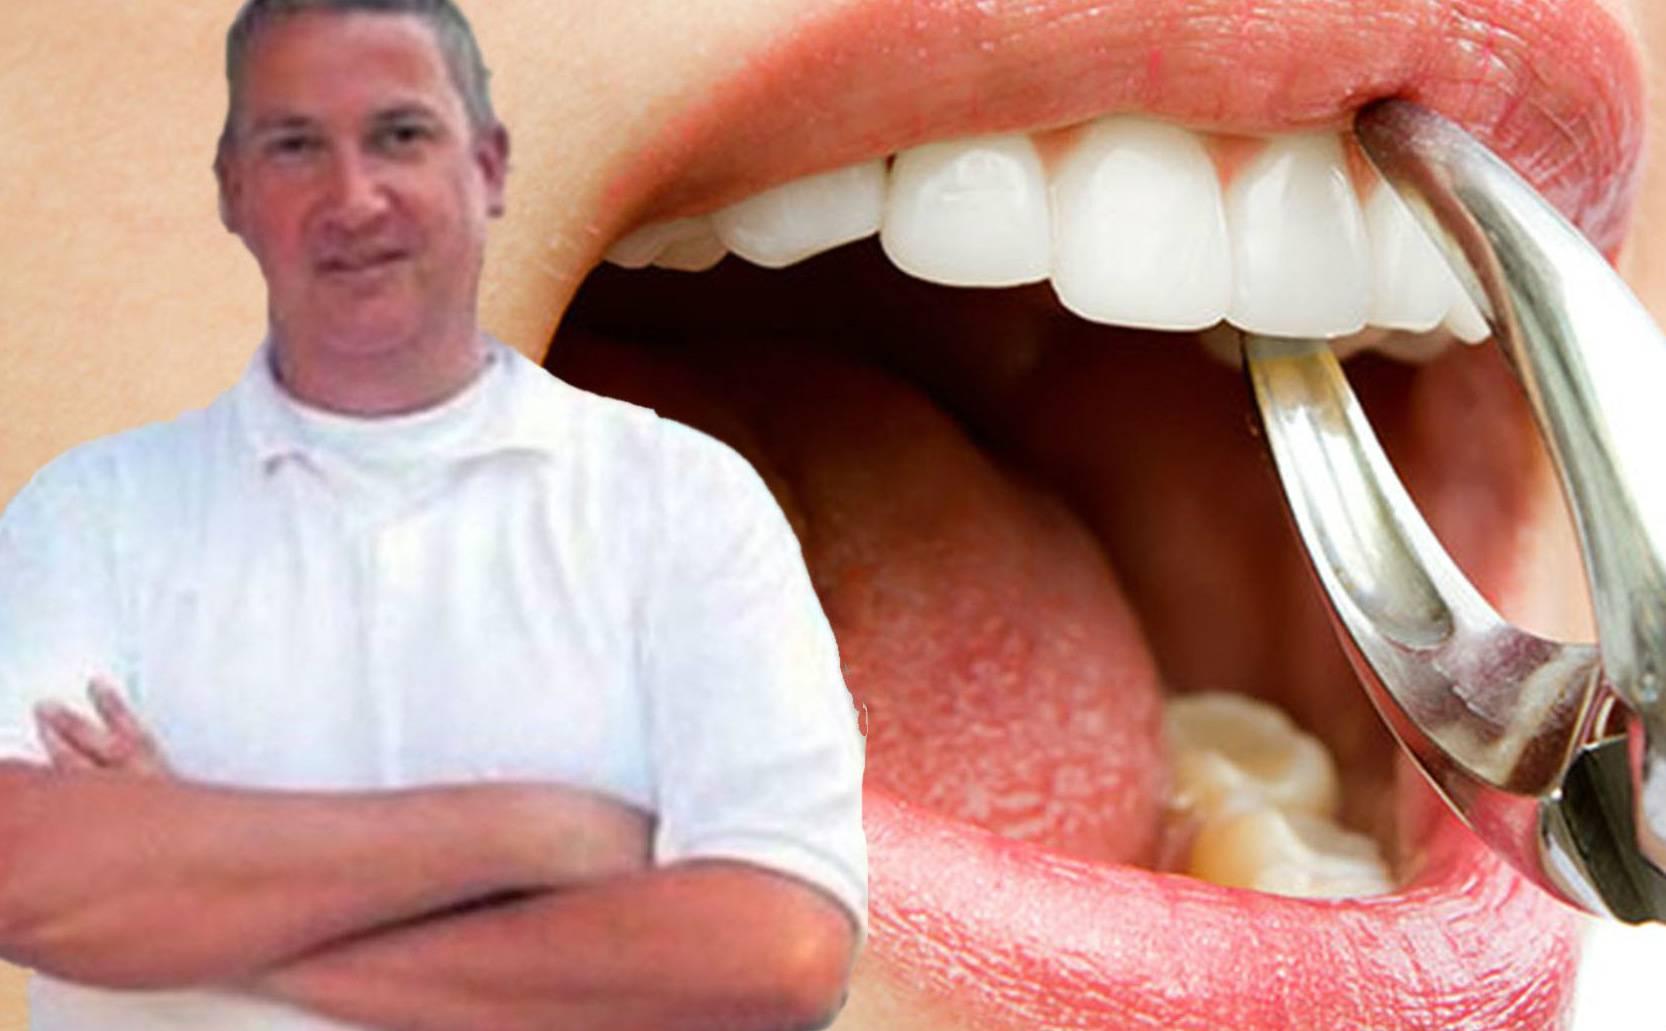 """Dentista mutila volontariamente 120 persone: """"Provavo piacere"""""""